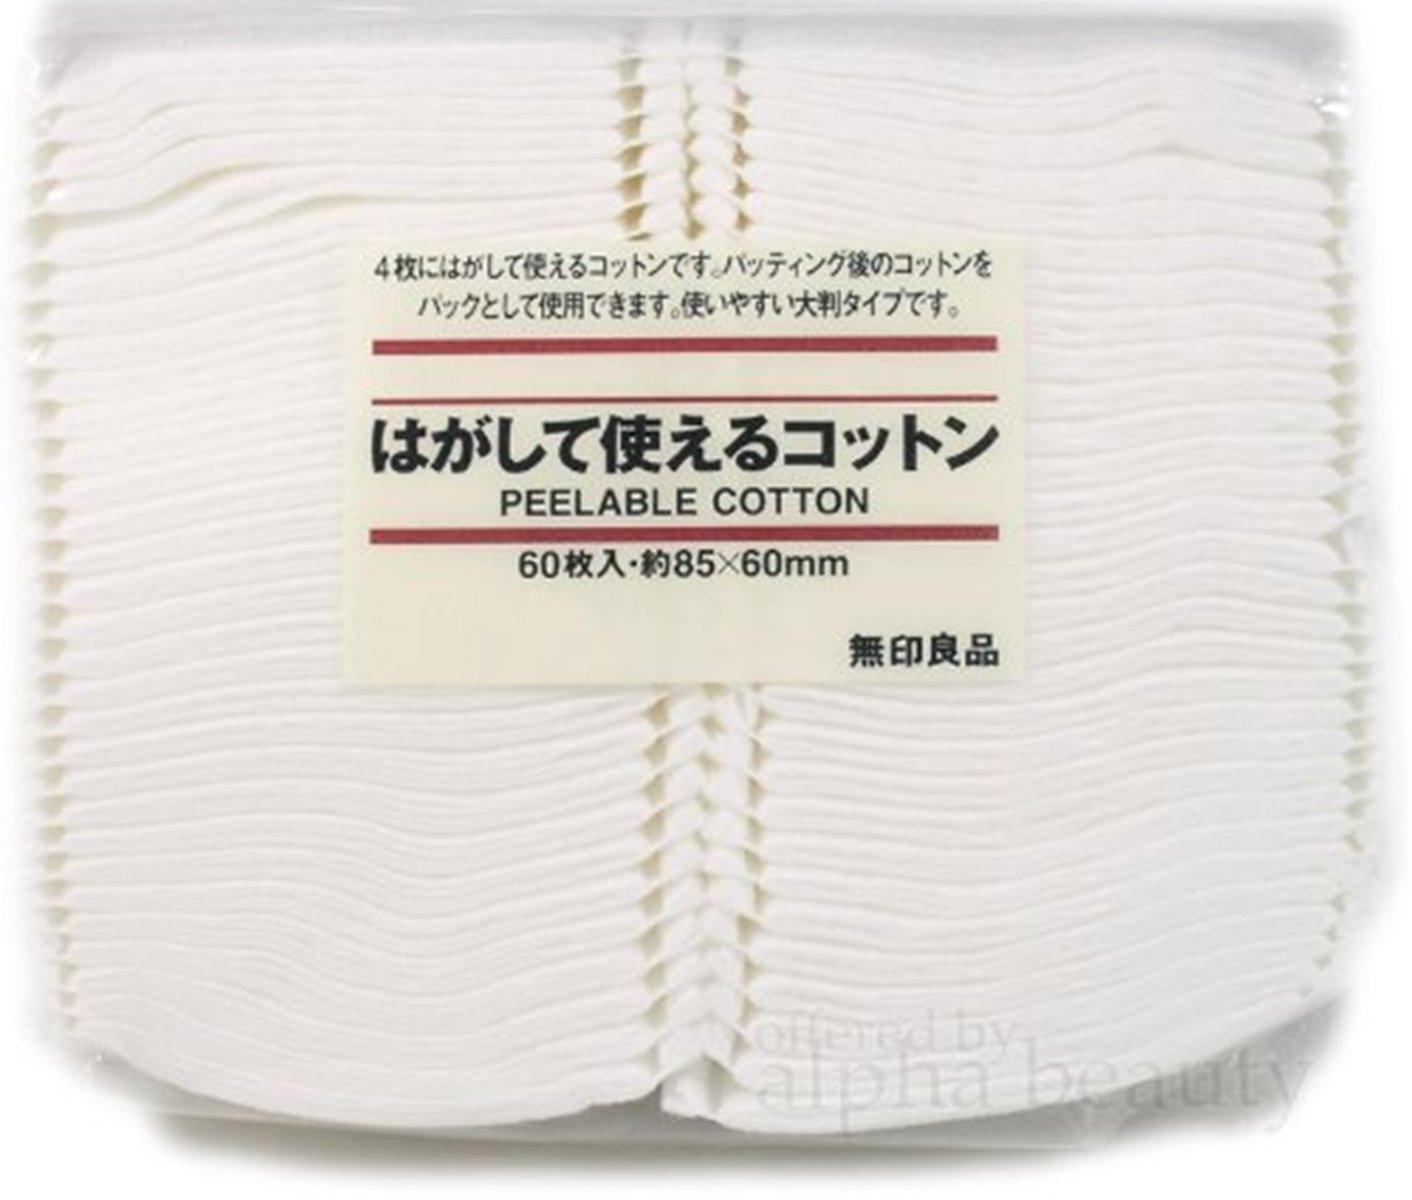 Cotton facial pads